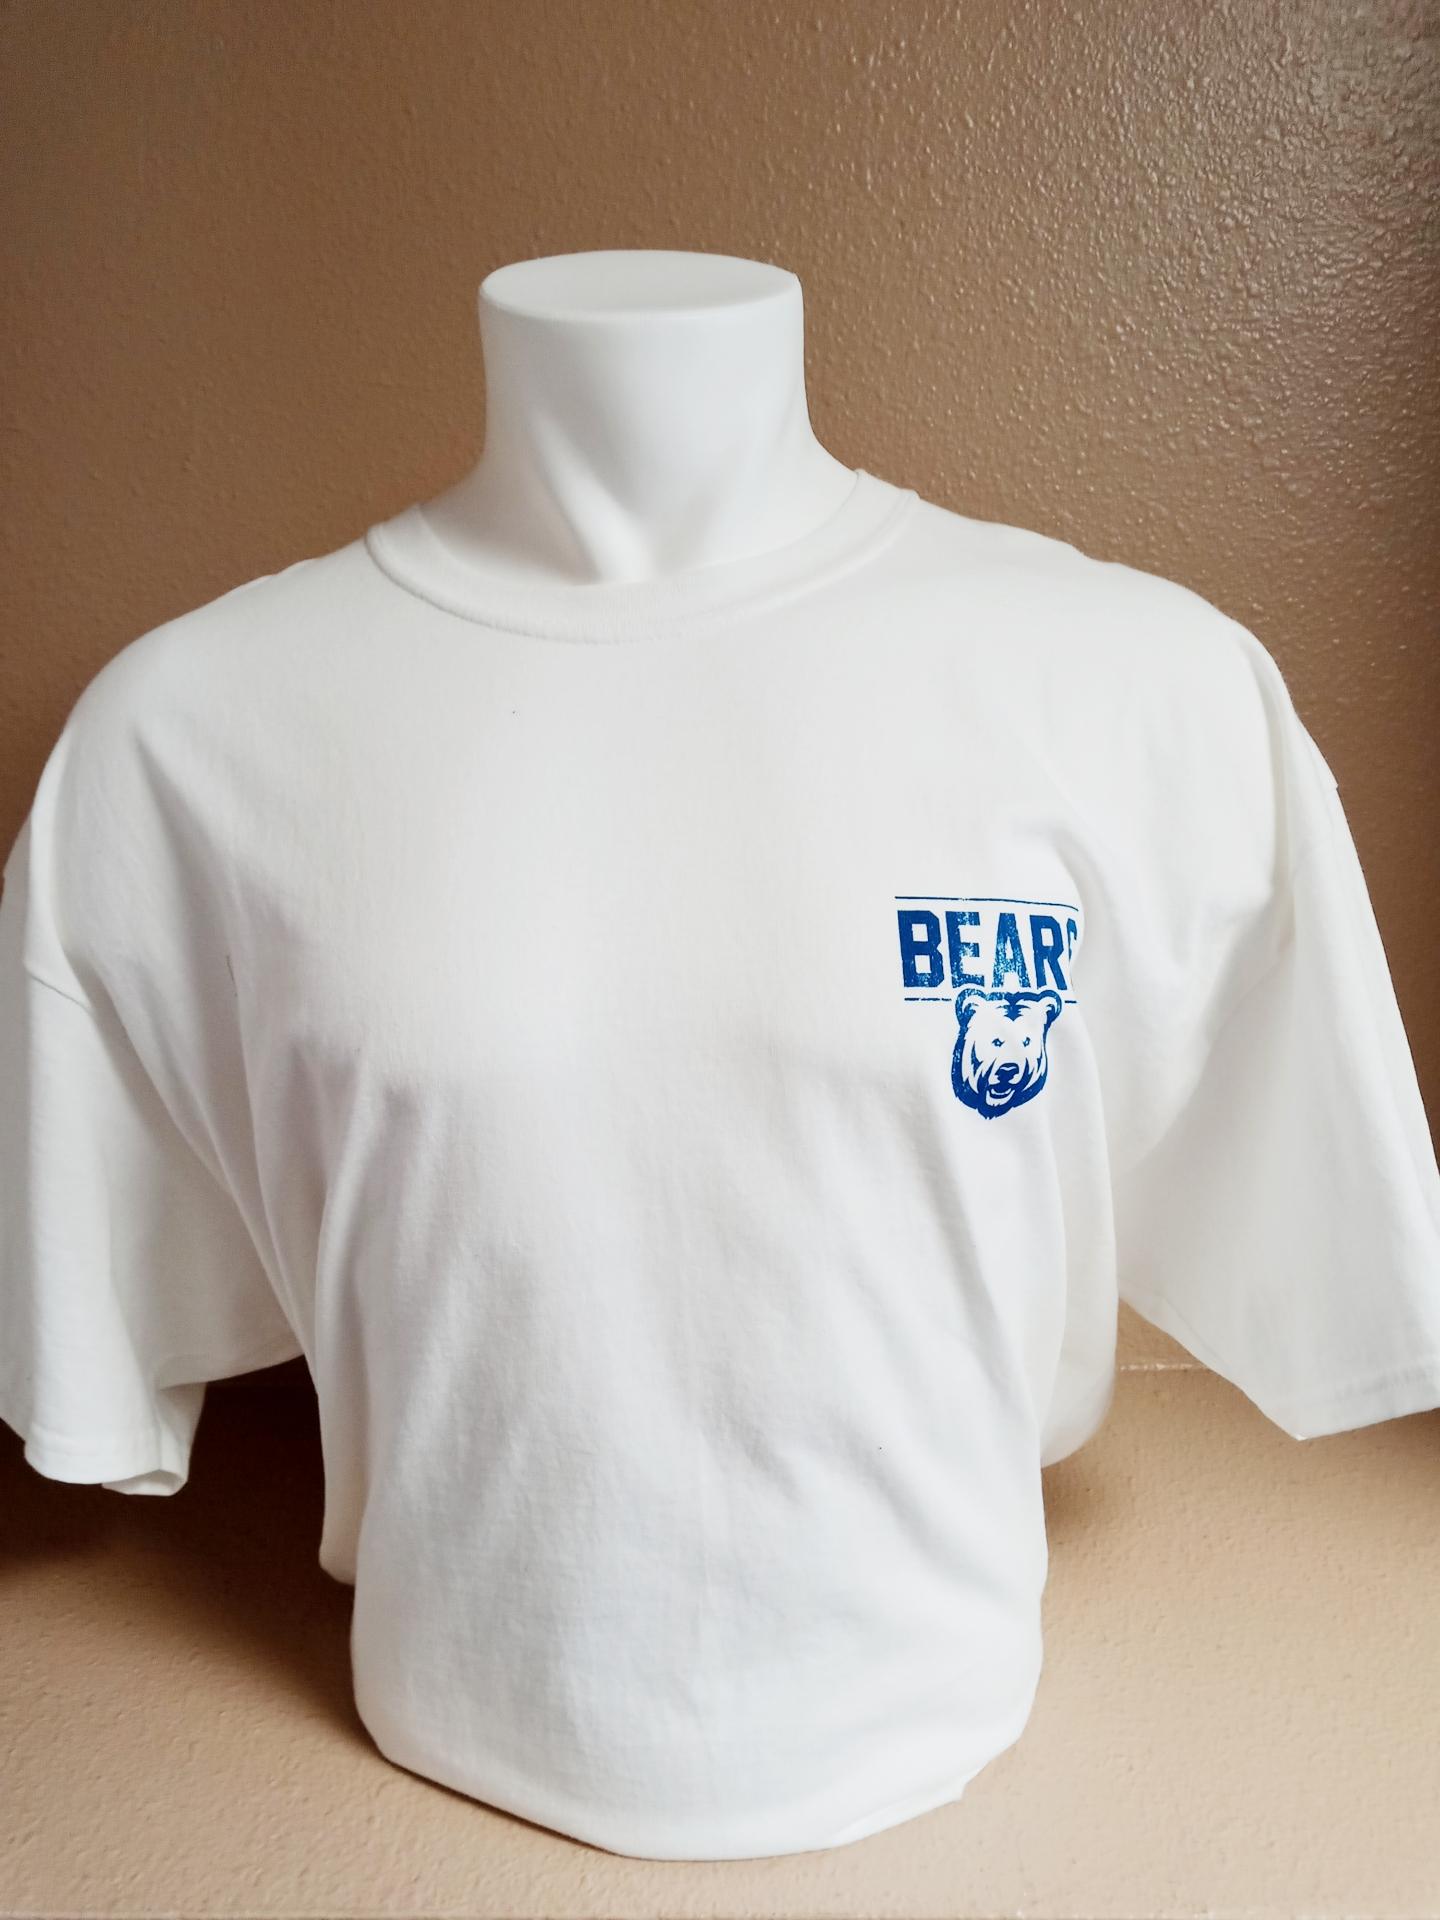 1889 Go Bears T-shirt